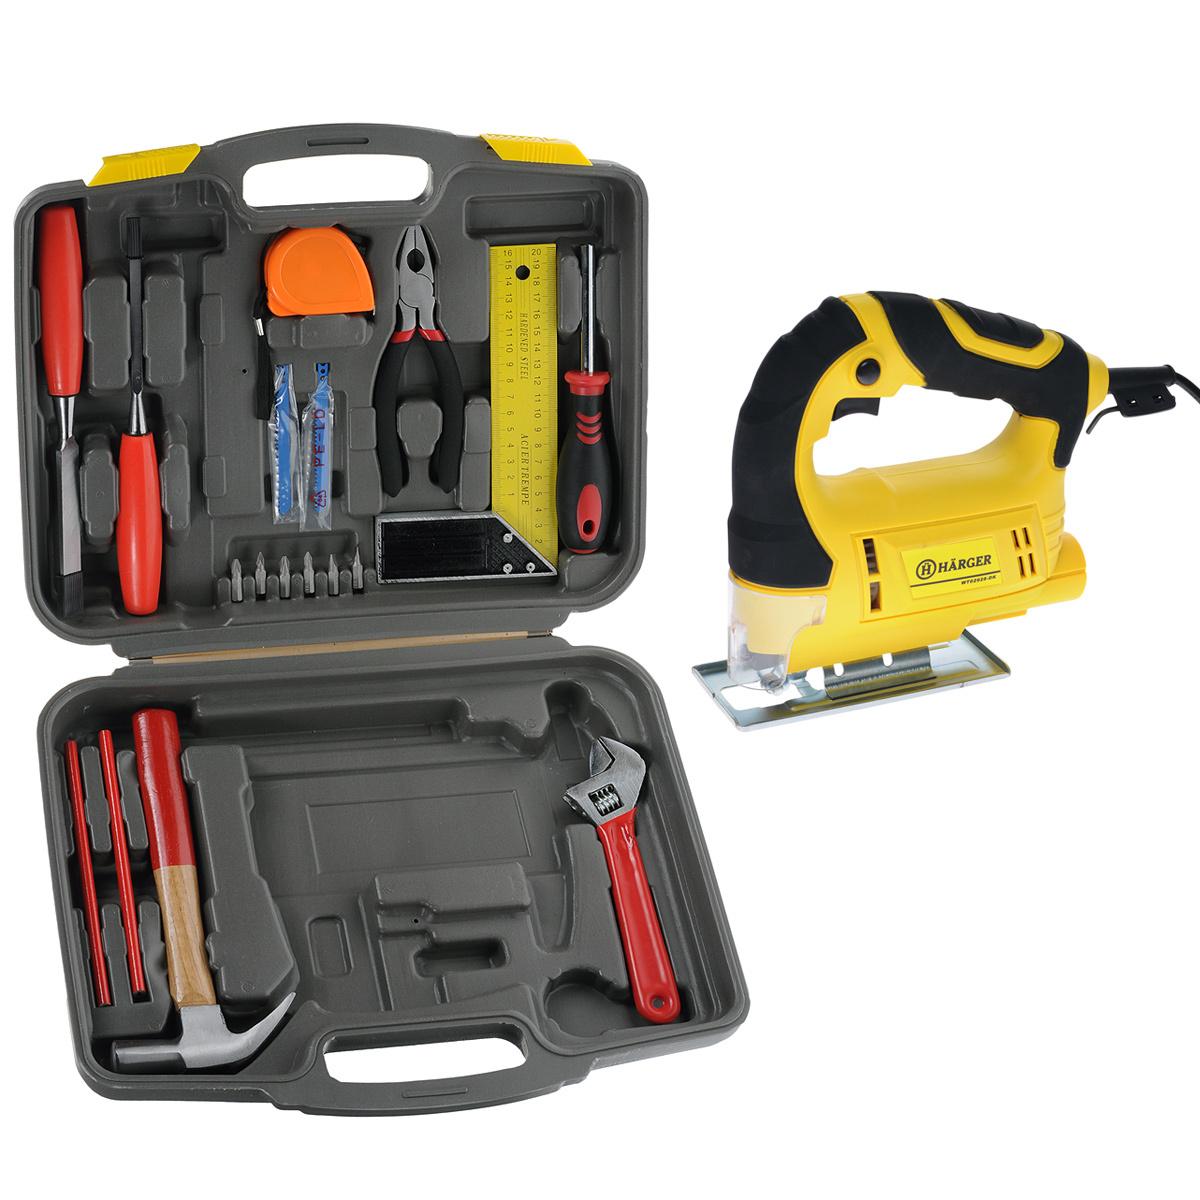 Электролобзик Harger WT02928-DK + набор инструментов в подарок #1